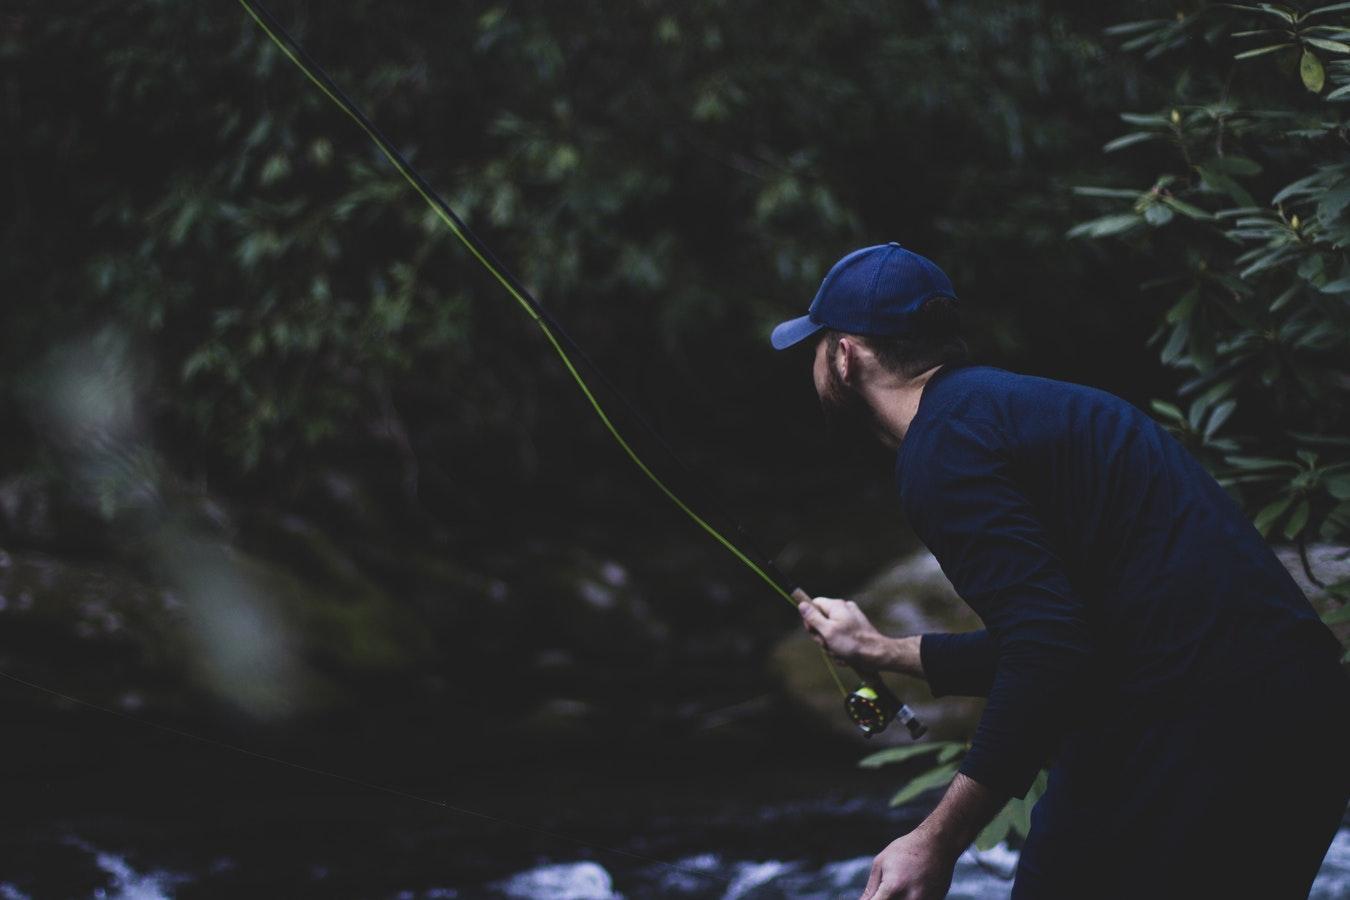 Kayak Fishing: 7 Best Kayak Fishing Spots in California